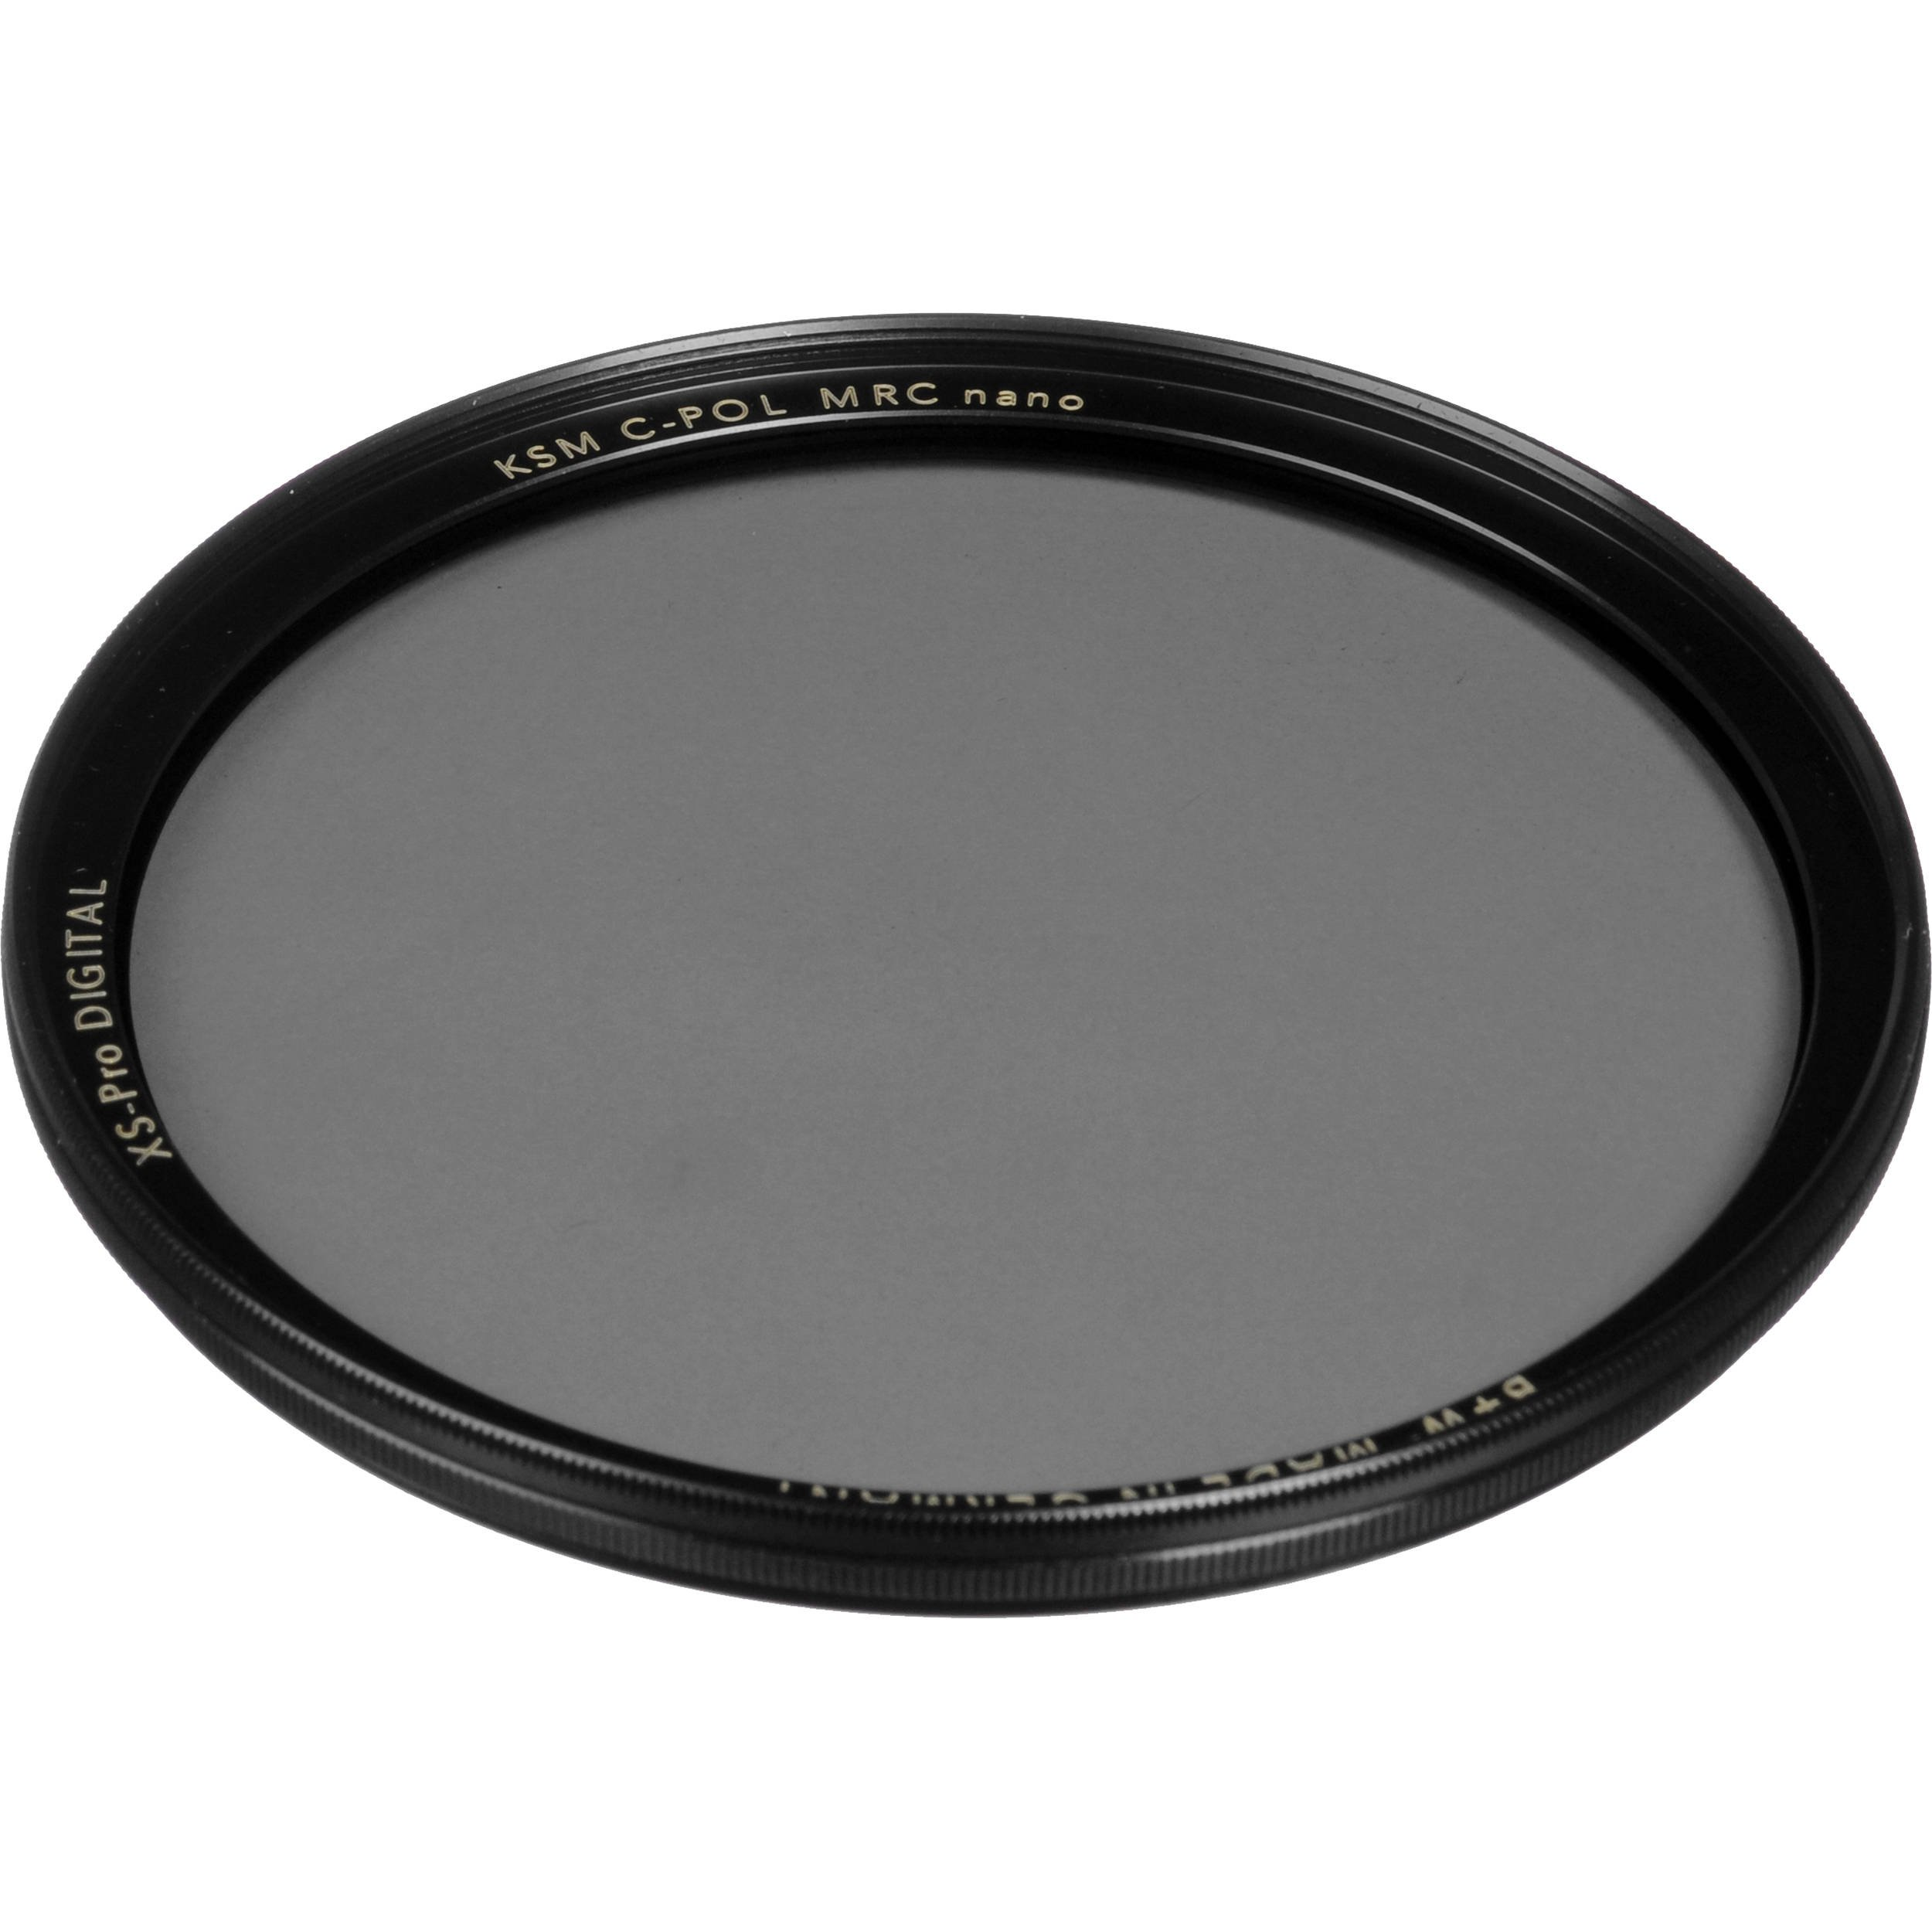 B+W filtr Polarizační cirkulární KSM XS-Pro HTC Digital MRC nano 72 mm